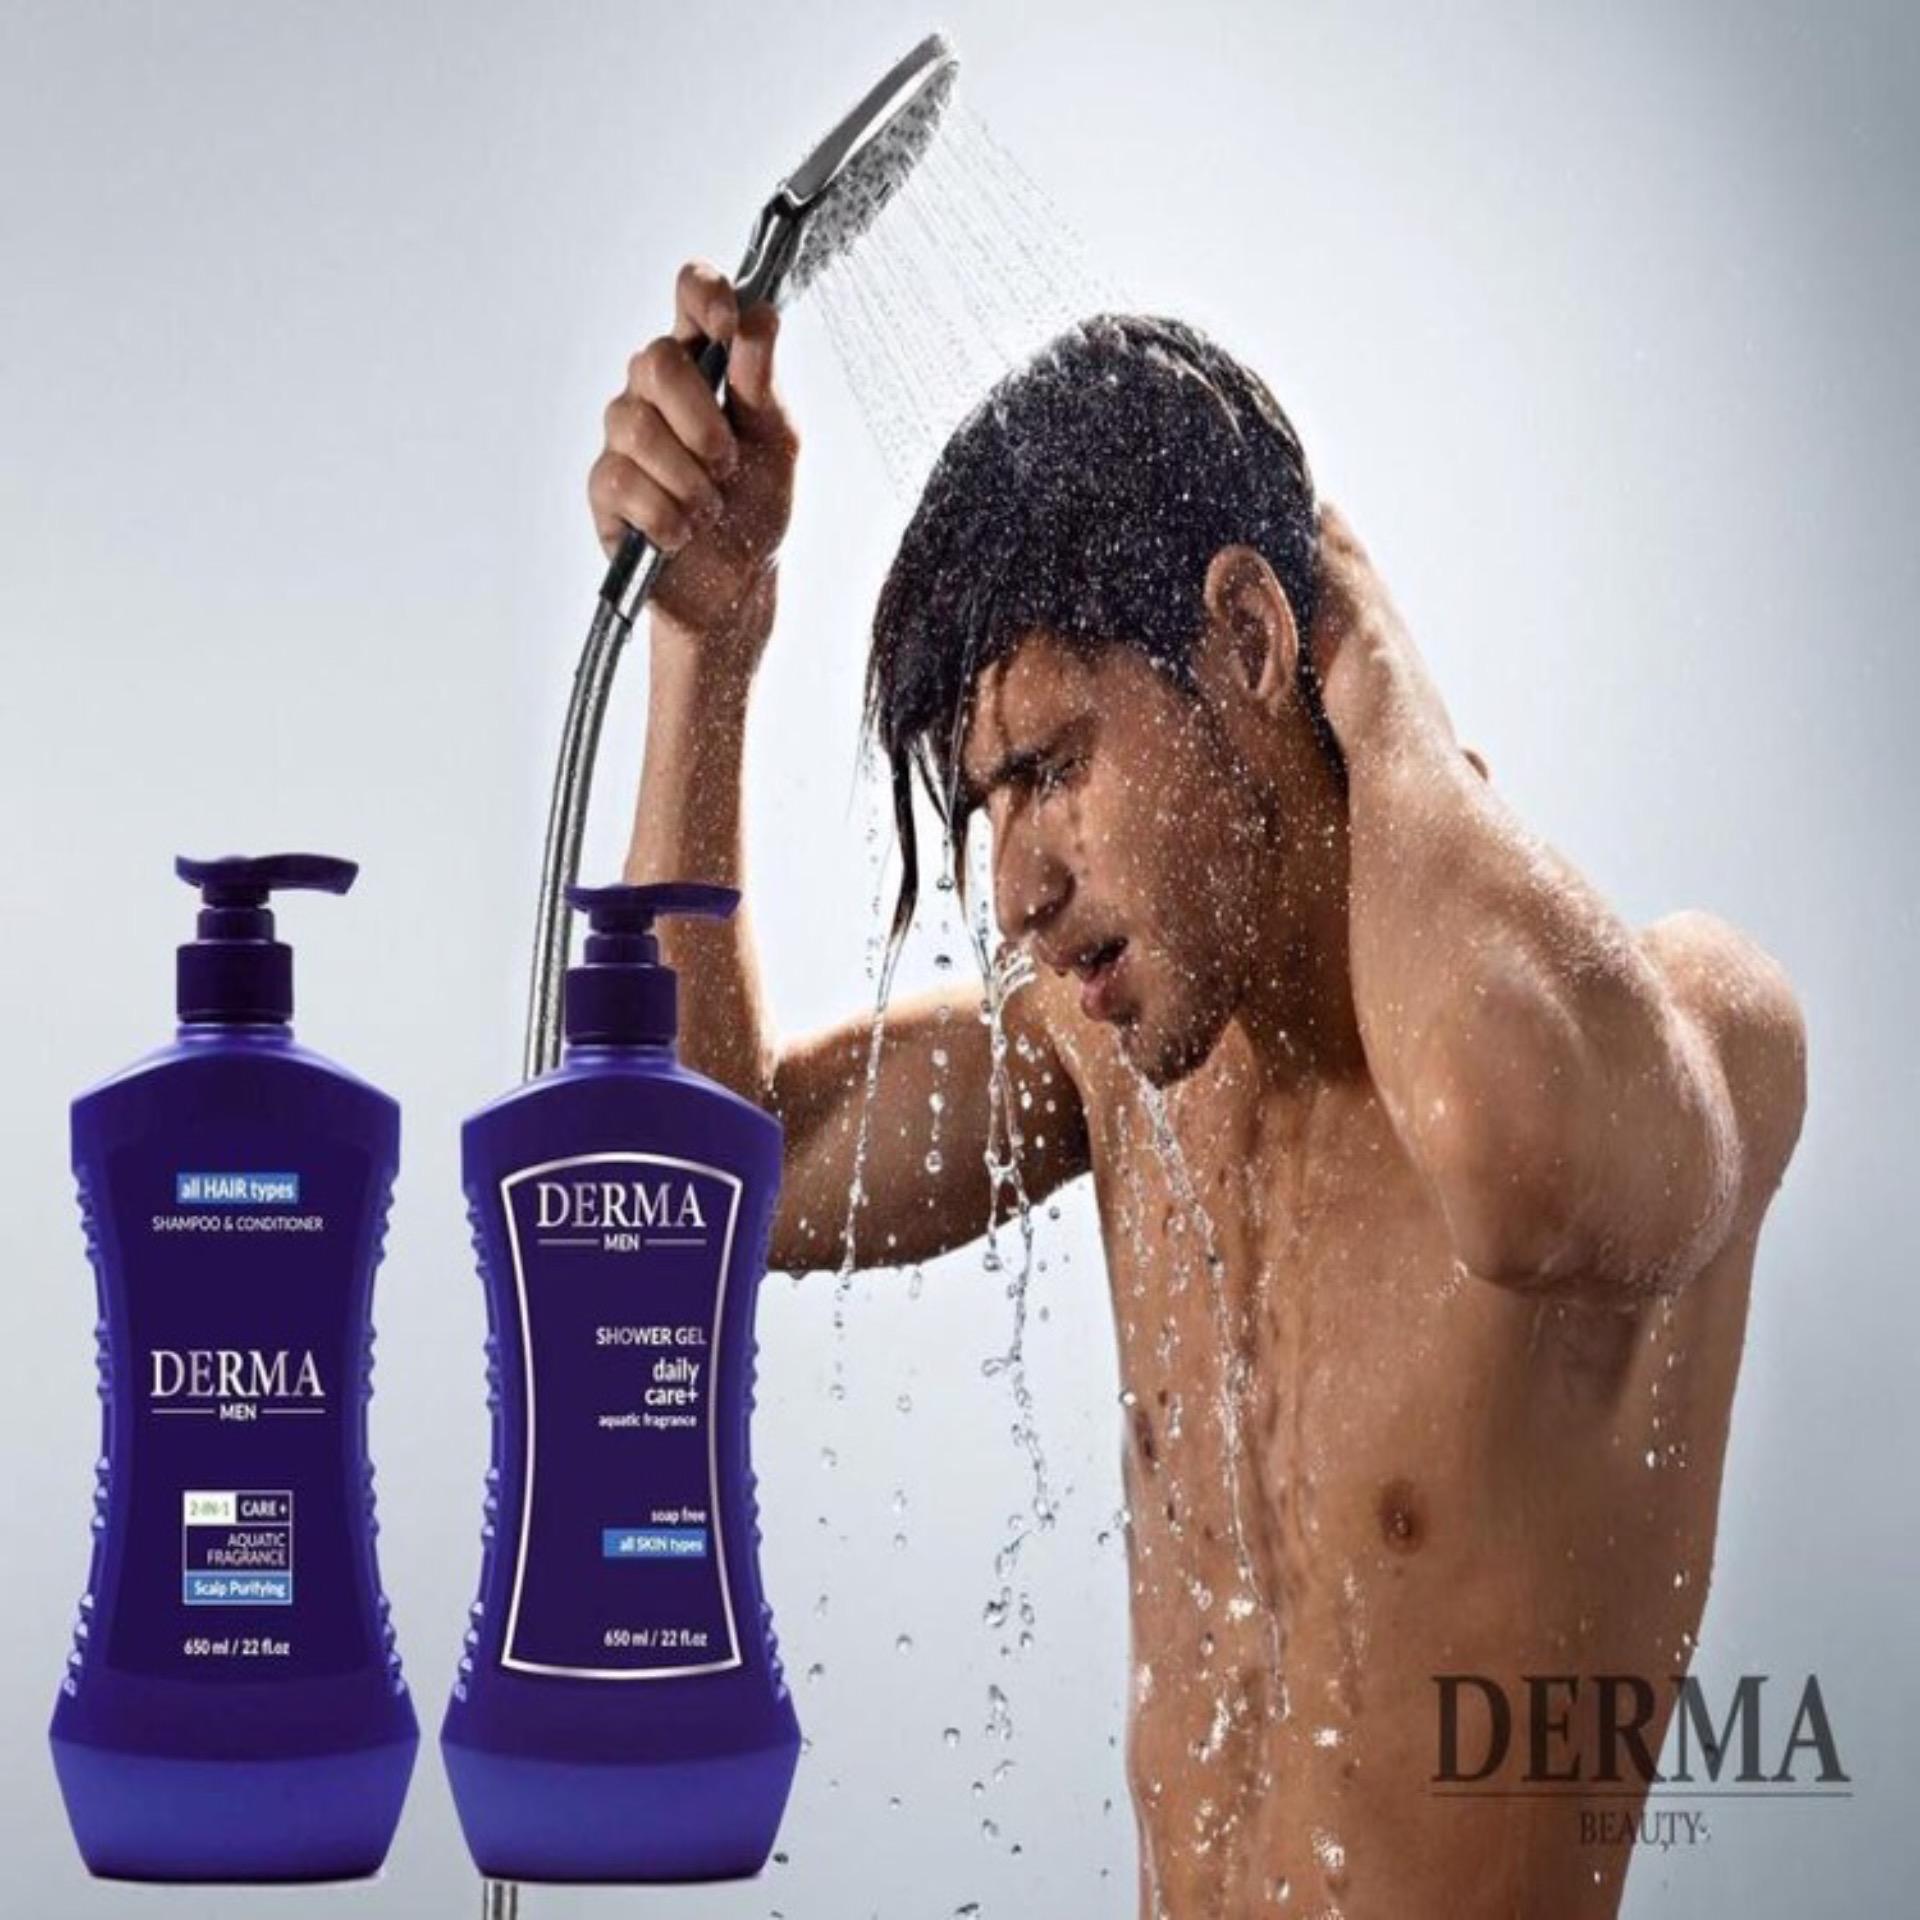 Sữa tắm dưỡng trắng da cao cấp độc quyền Damode Derma 650ml nam tốt nhất